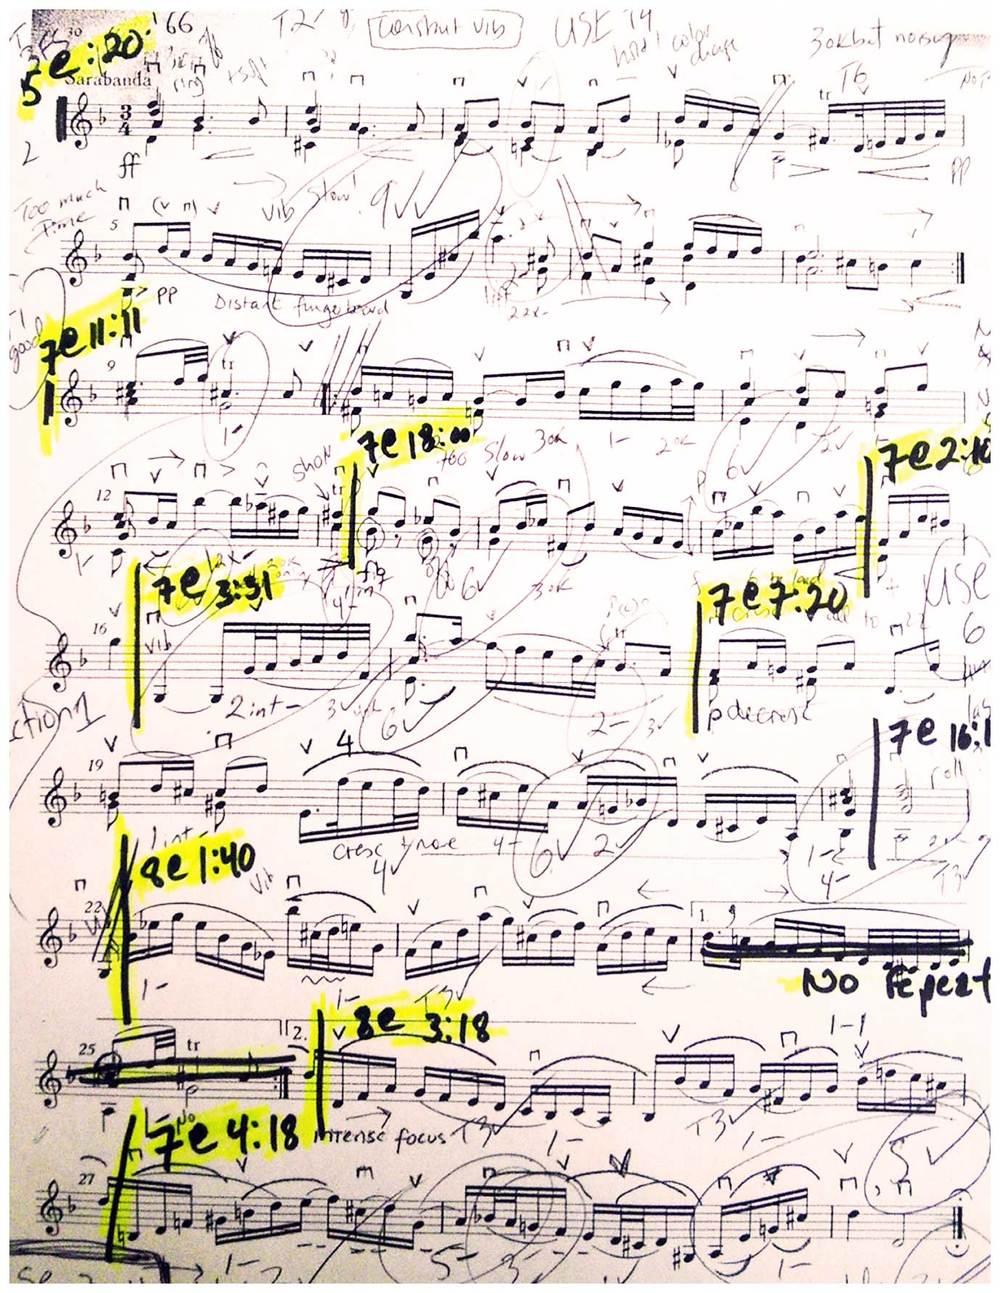 sheetmusicwhole.jpg